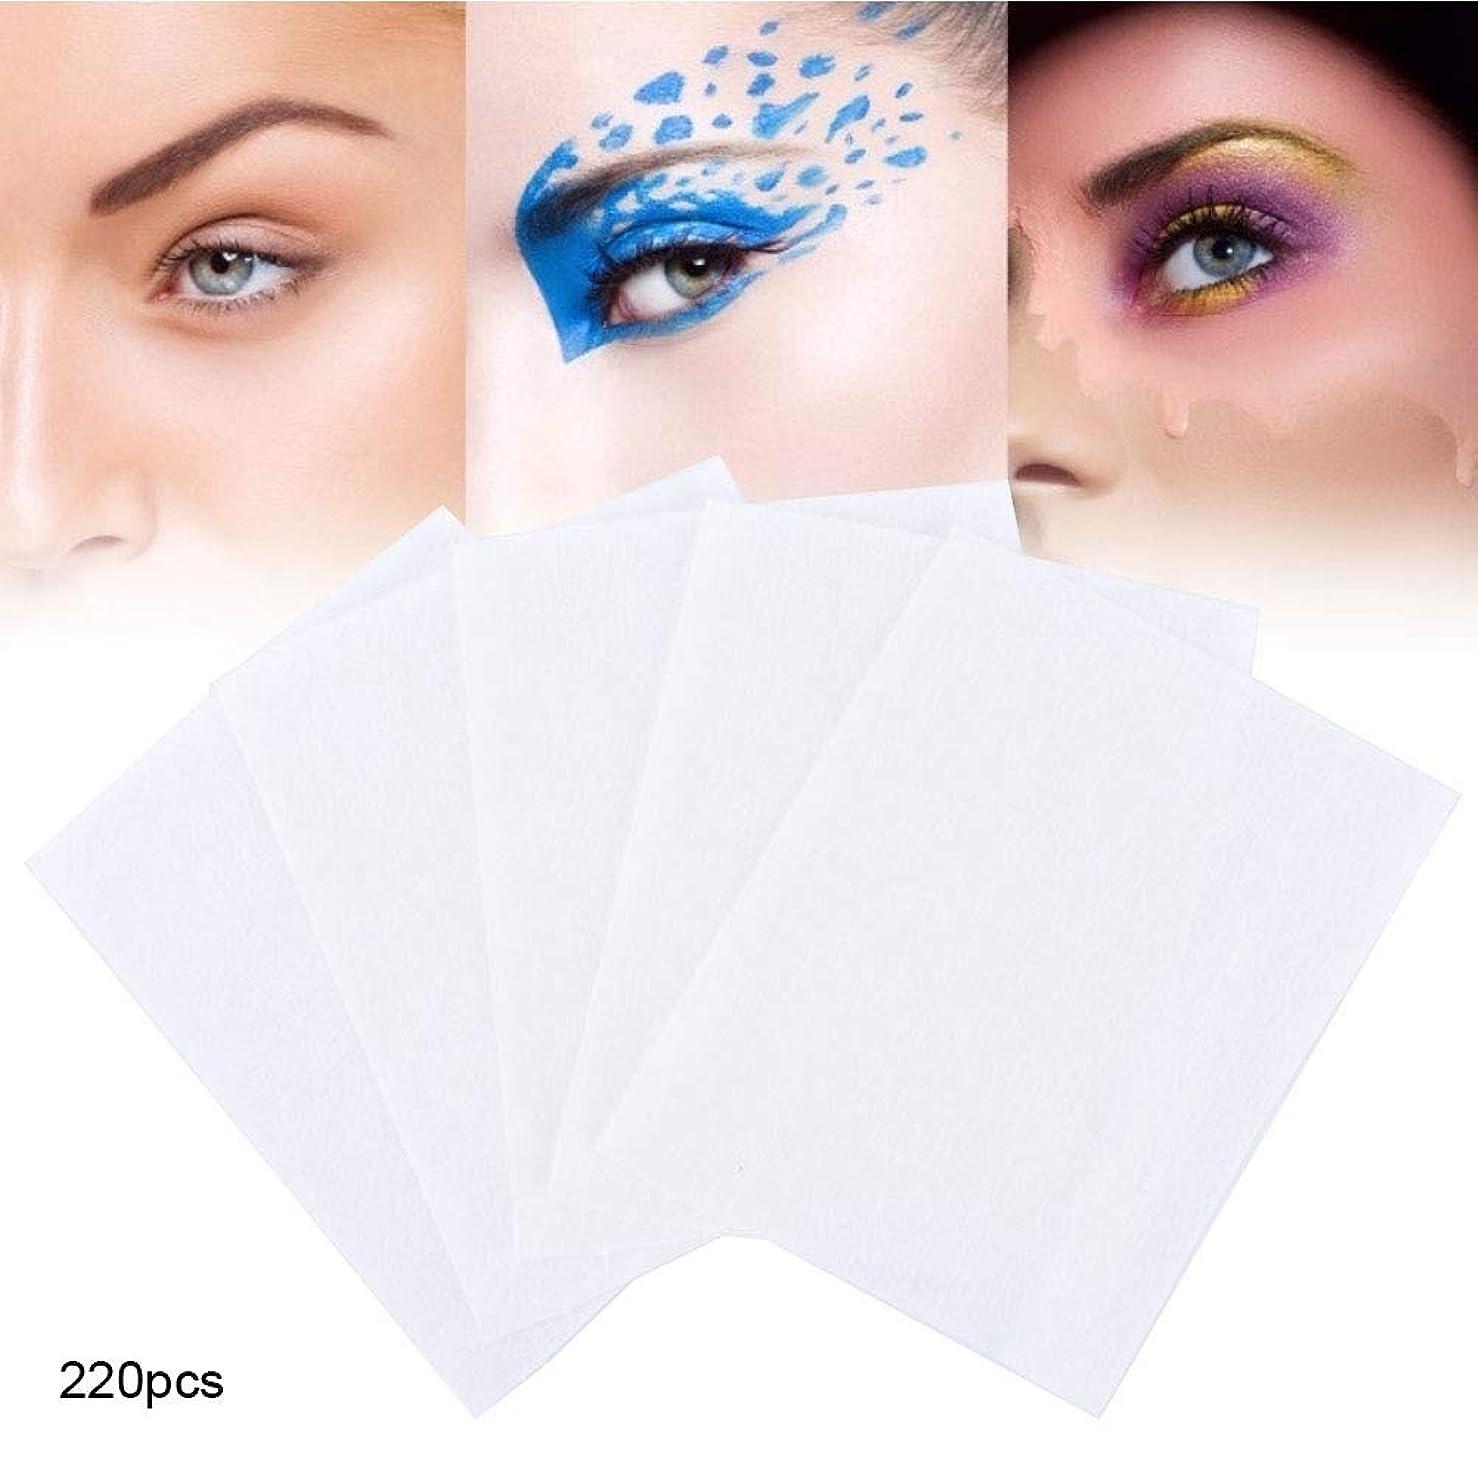 のれんフレームワーク吸収剤220枚 化粧コットンパッド 化粧の除去とスキンケアのための使い捨てフェイシャルワイプタオル